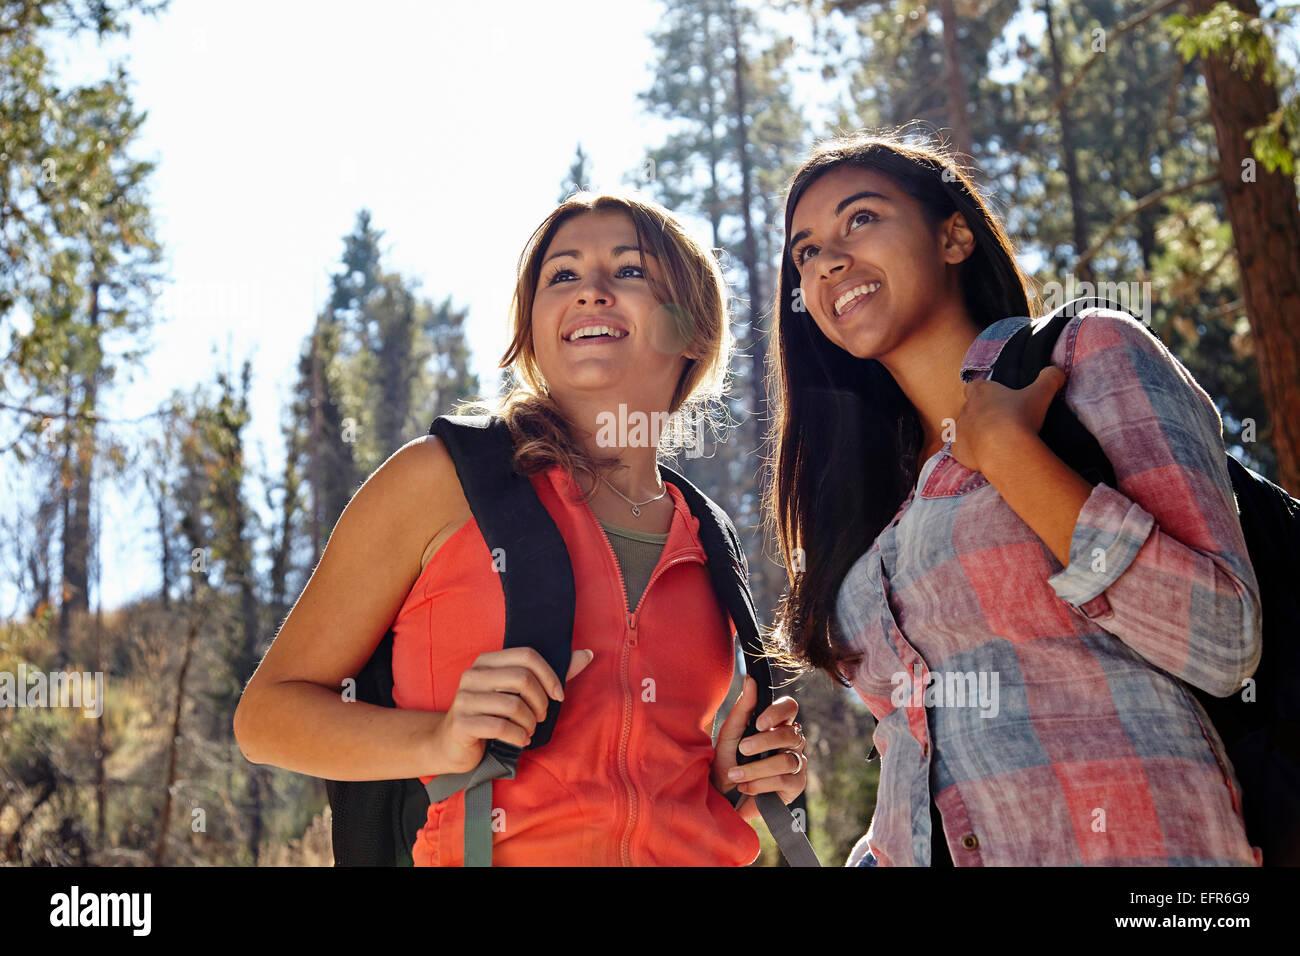 Deux jeunes femelles adultes randonnées en forêt, Los Angeles, Californie, USA Photo Stock